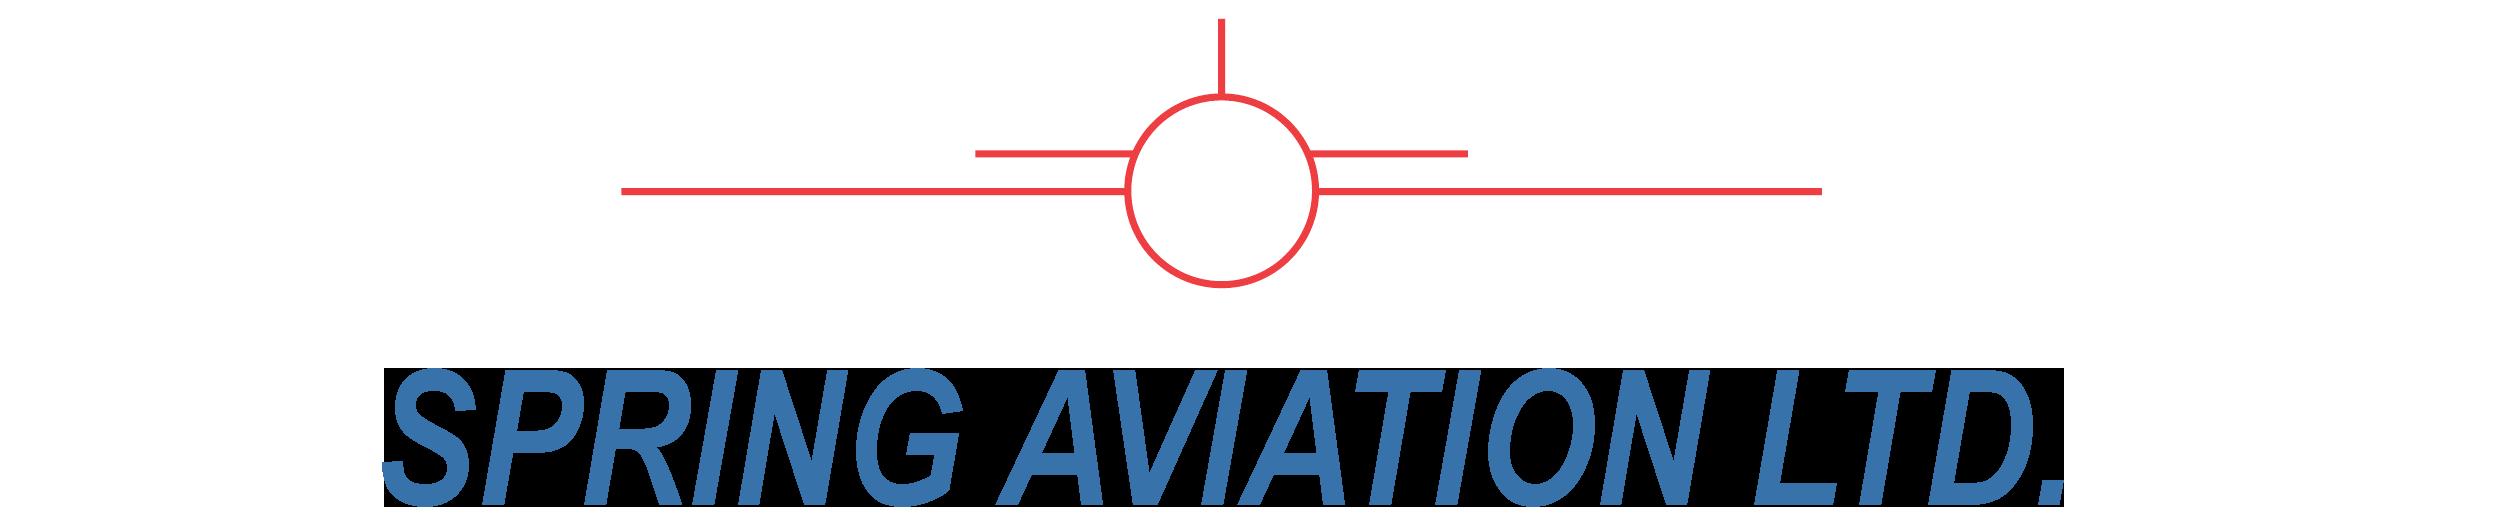 Spring Aviation Ltd.